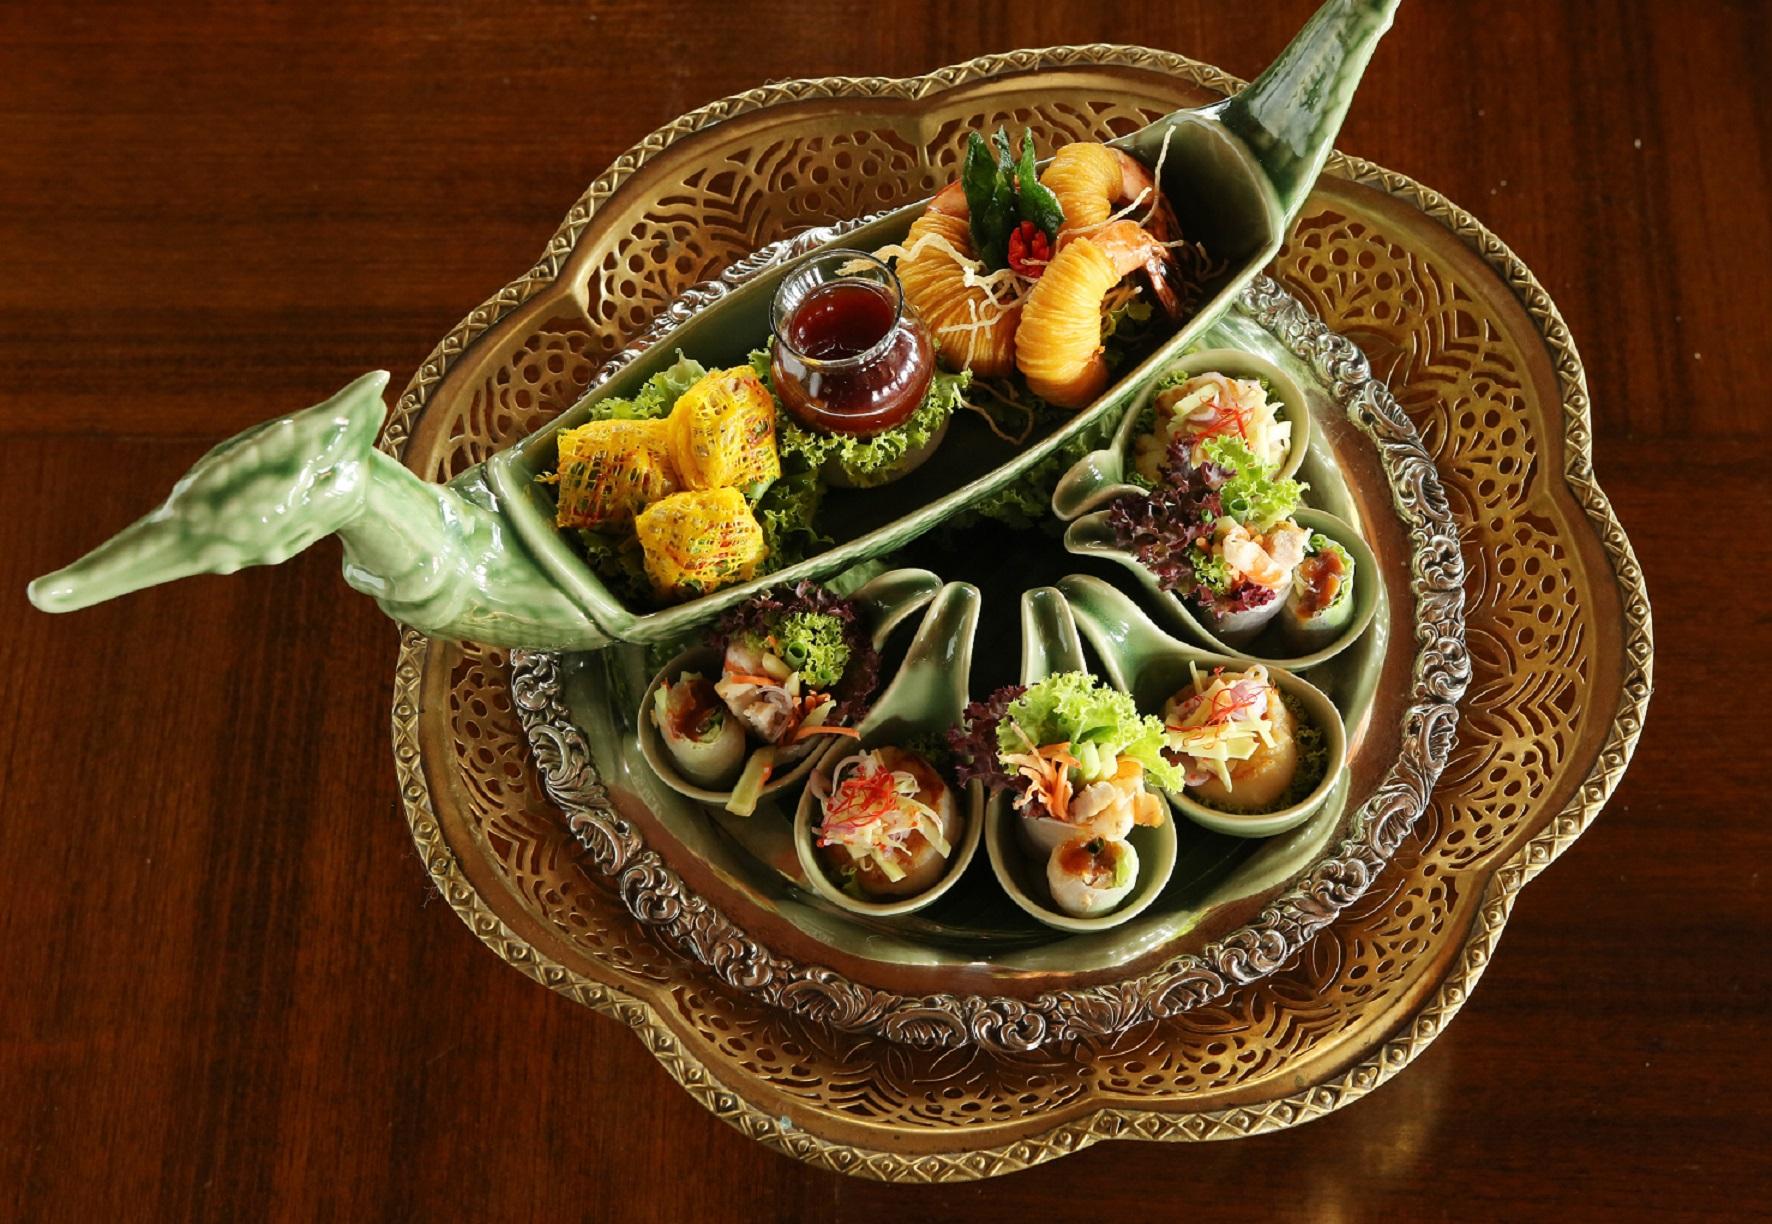 อาหารไทยภาคกลางเลิศรส ต้นตำหรับชาววัง ณ ห้องอาหารธาราทอง โรงแรมรอยัล ออคิด เชอราตัน 13 -